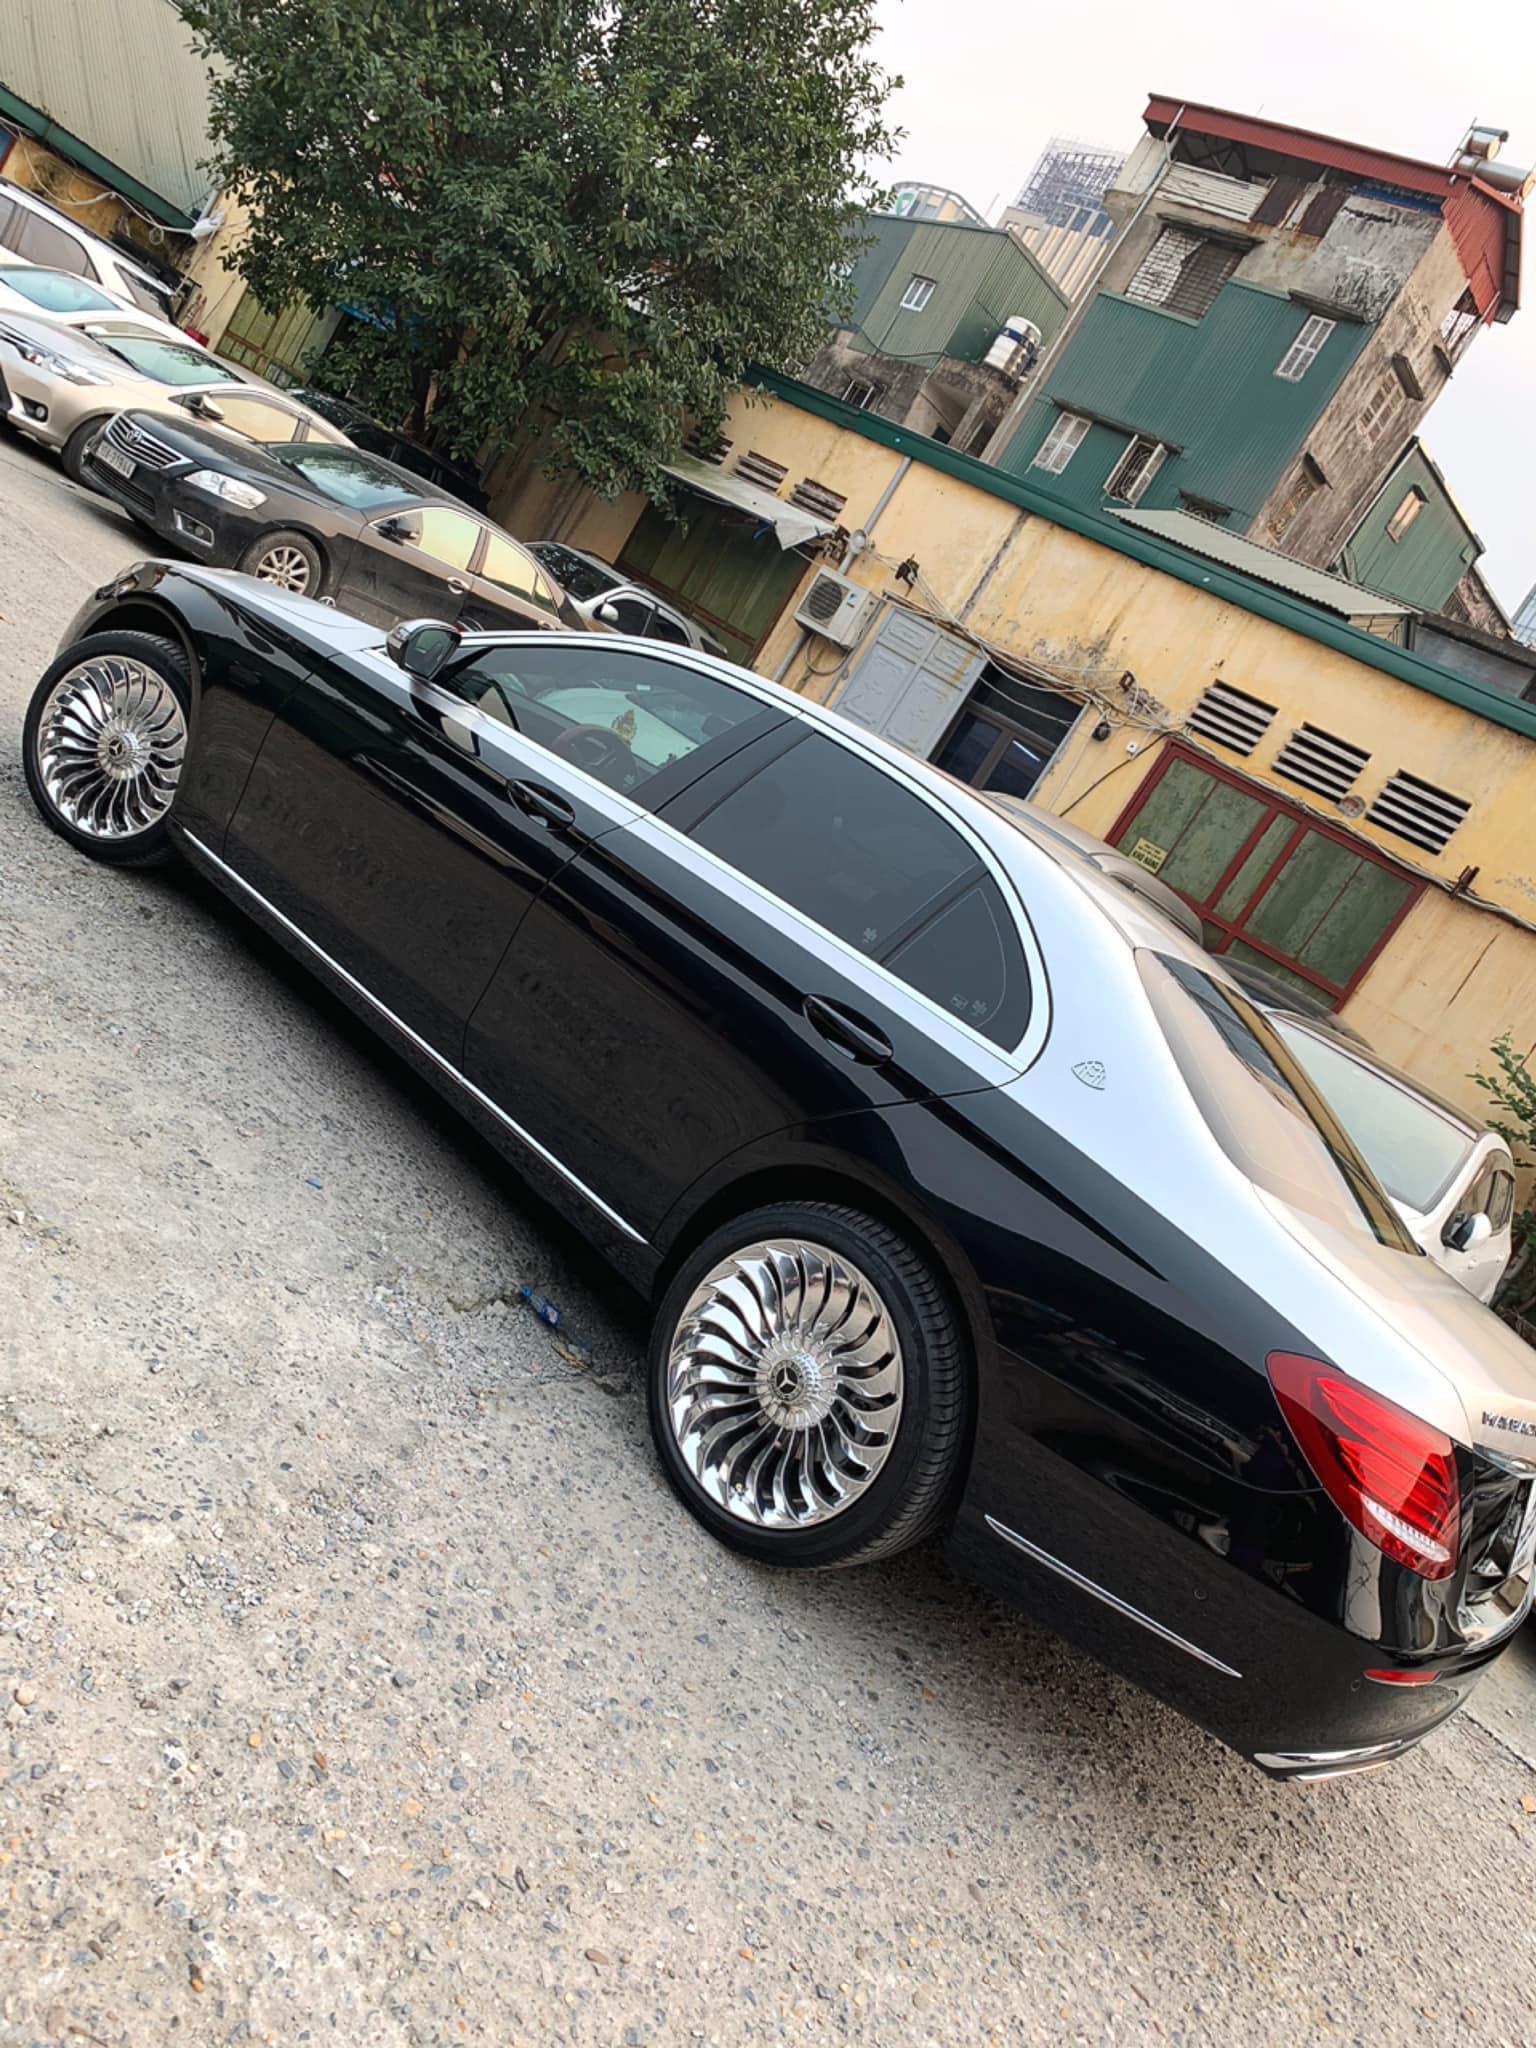 Dân chơi Hà Nội tự mình 'hô biến' Mercedes-Benz E 200 thành S 450 Maybach chỉ với 150 triệu đồng Ảnh 6